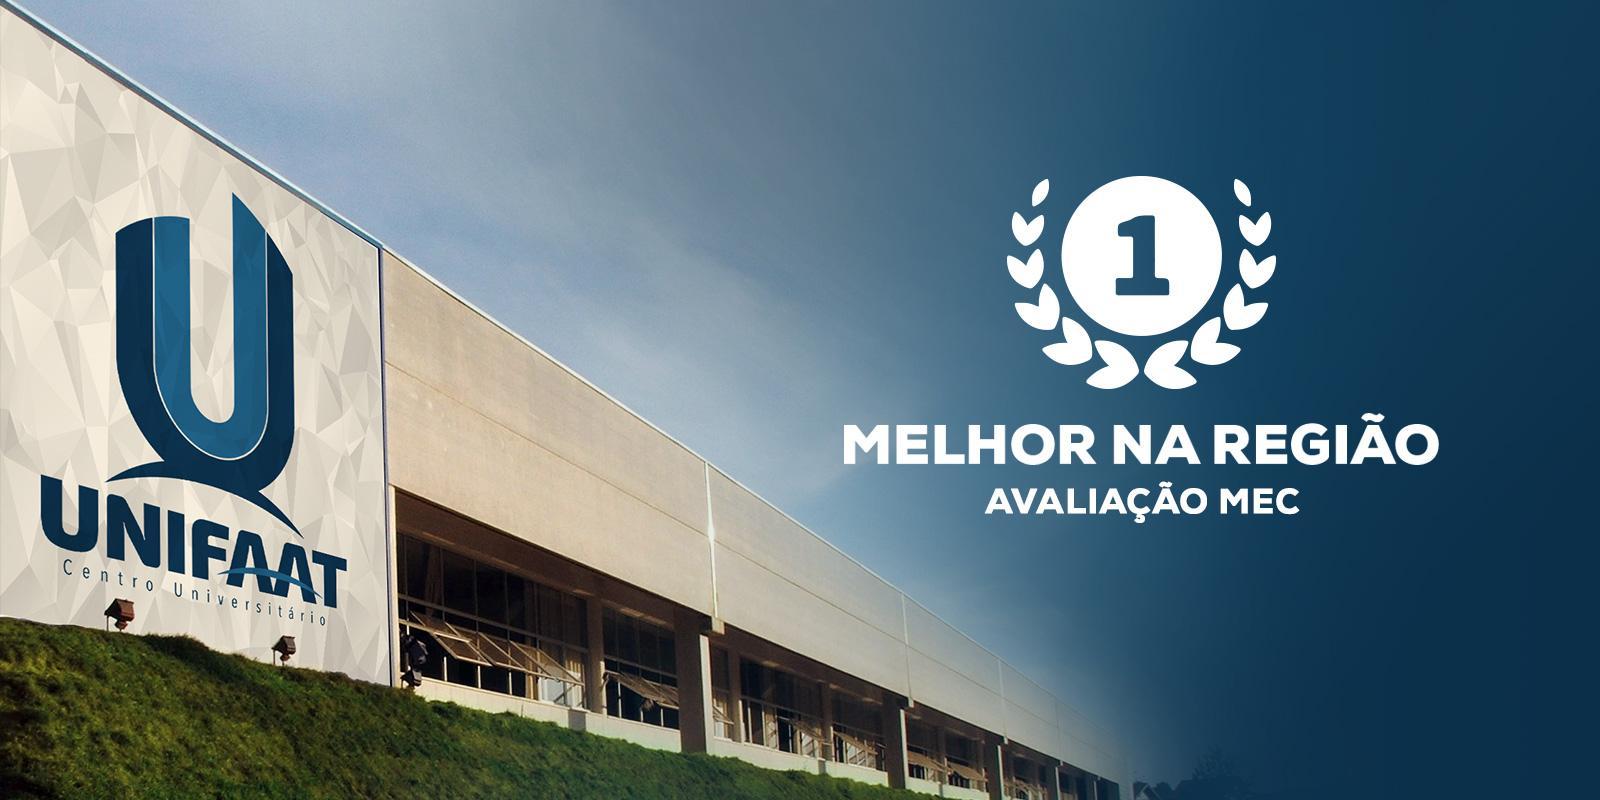 Por 12 anos consecutivos a UNIFAAT figura entre as melhores instituições de ensino superior do País